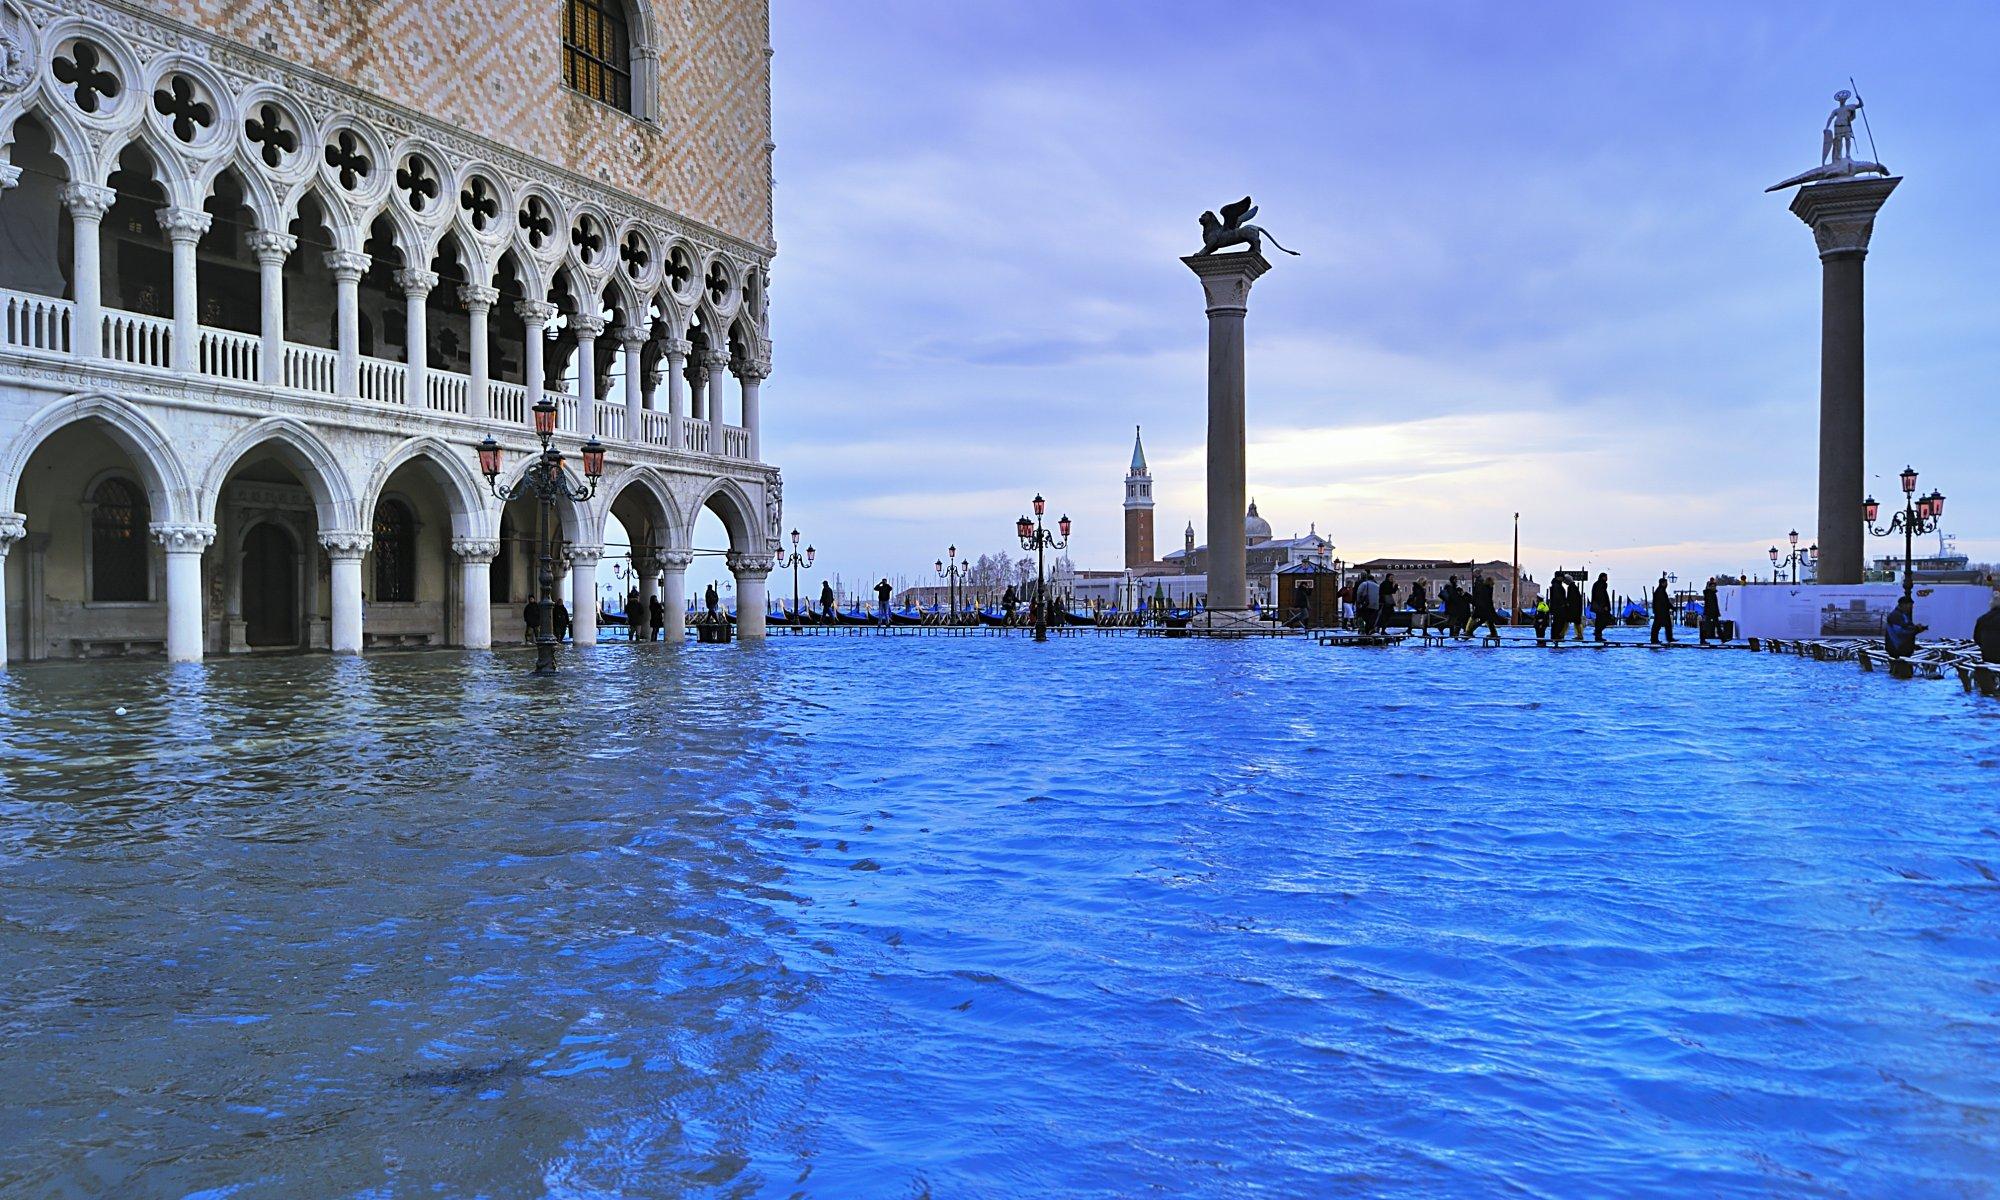 Hochwasser in Venedig.